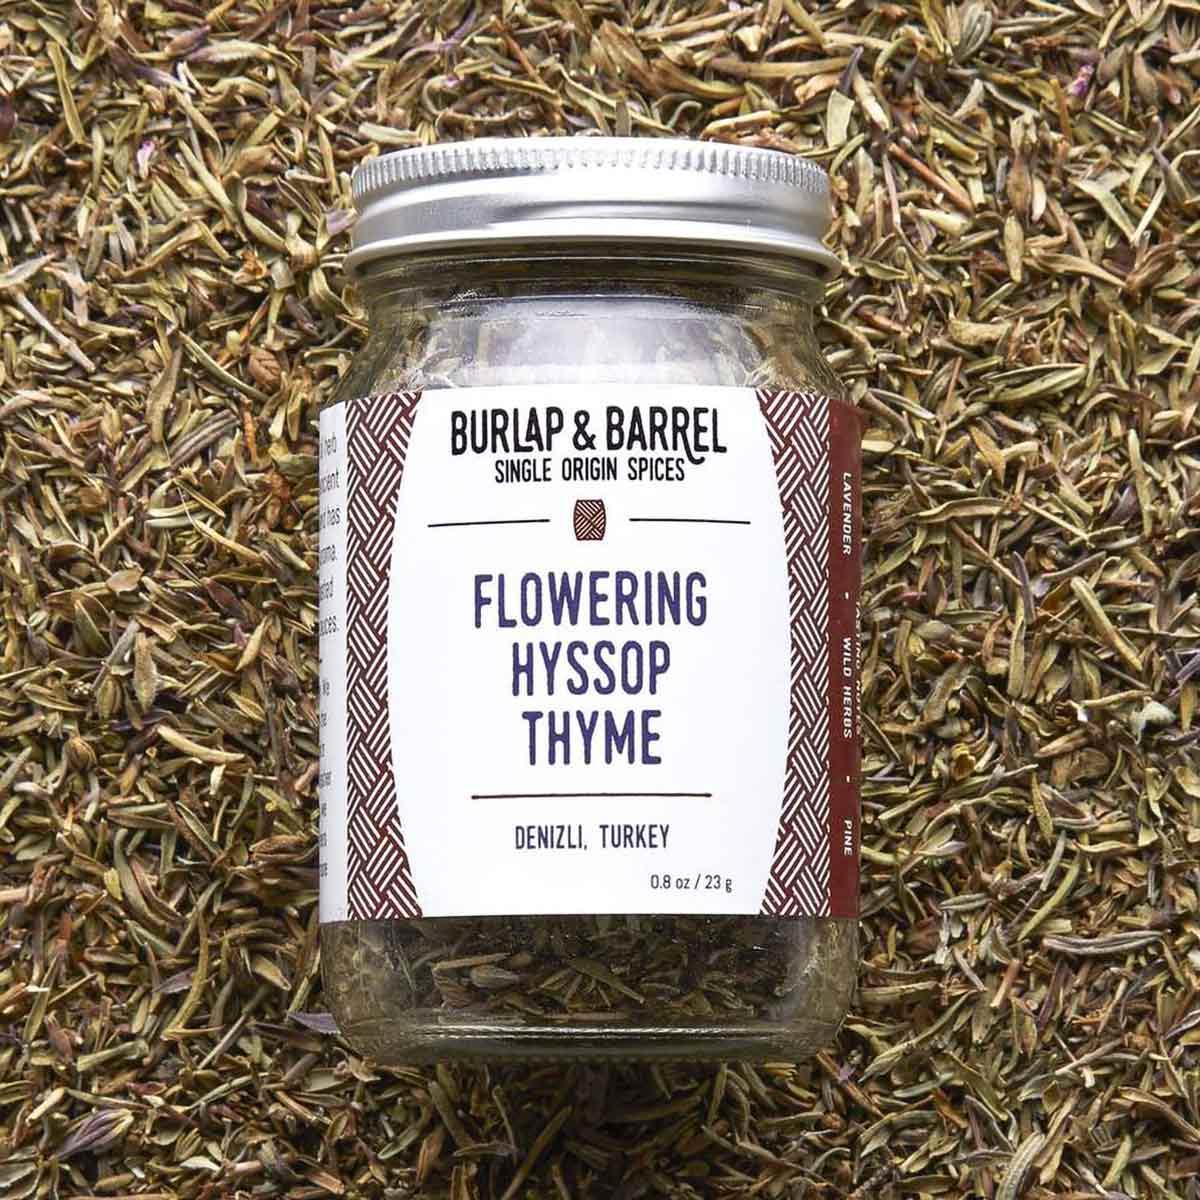 Jar of Flowering Hyssop Thyme.